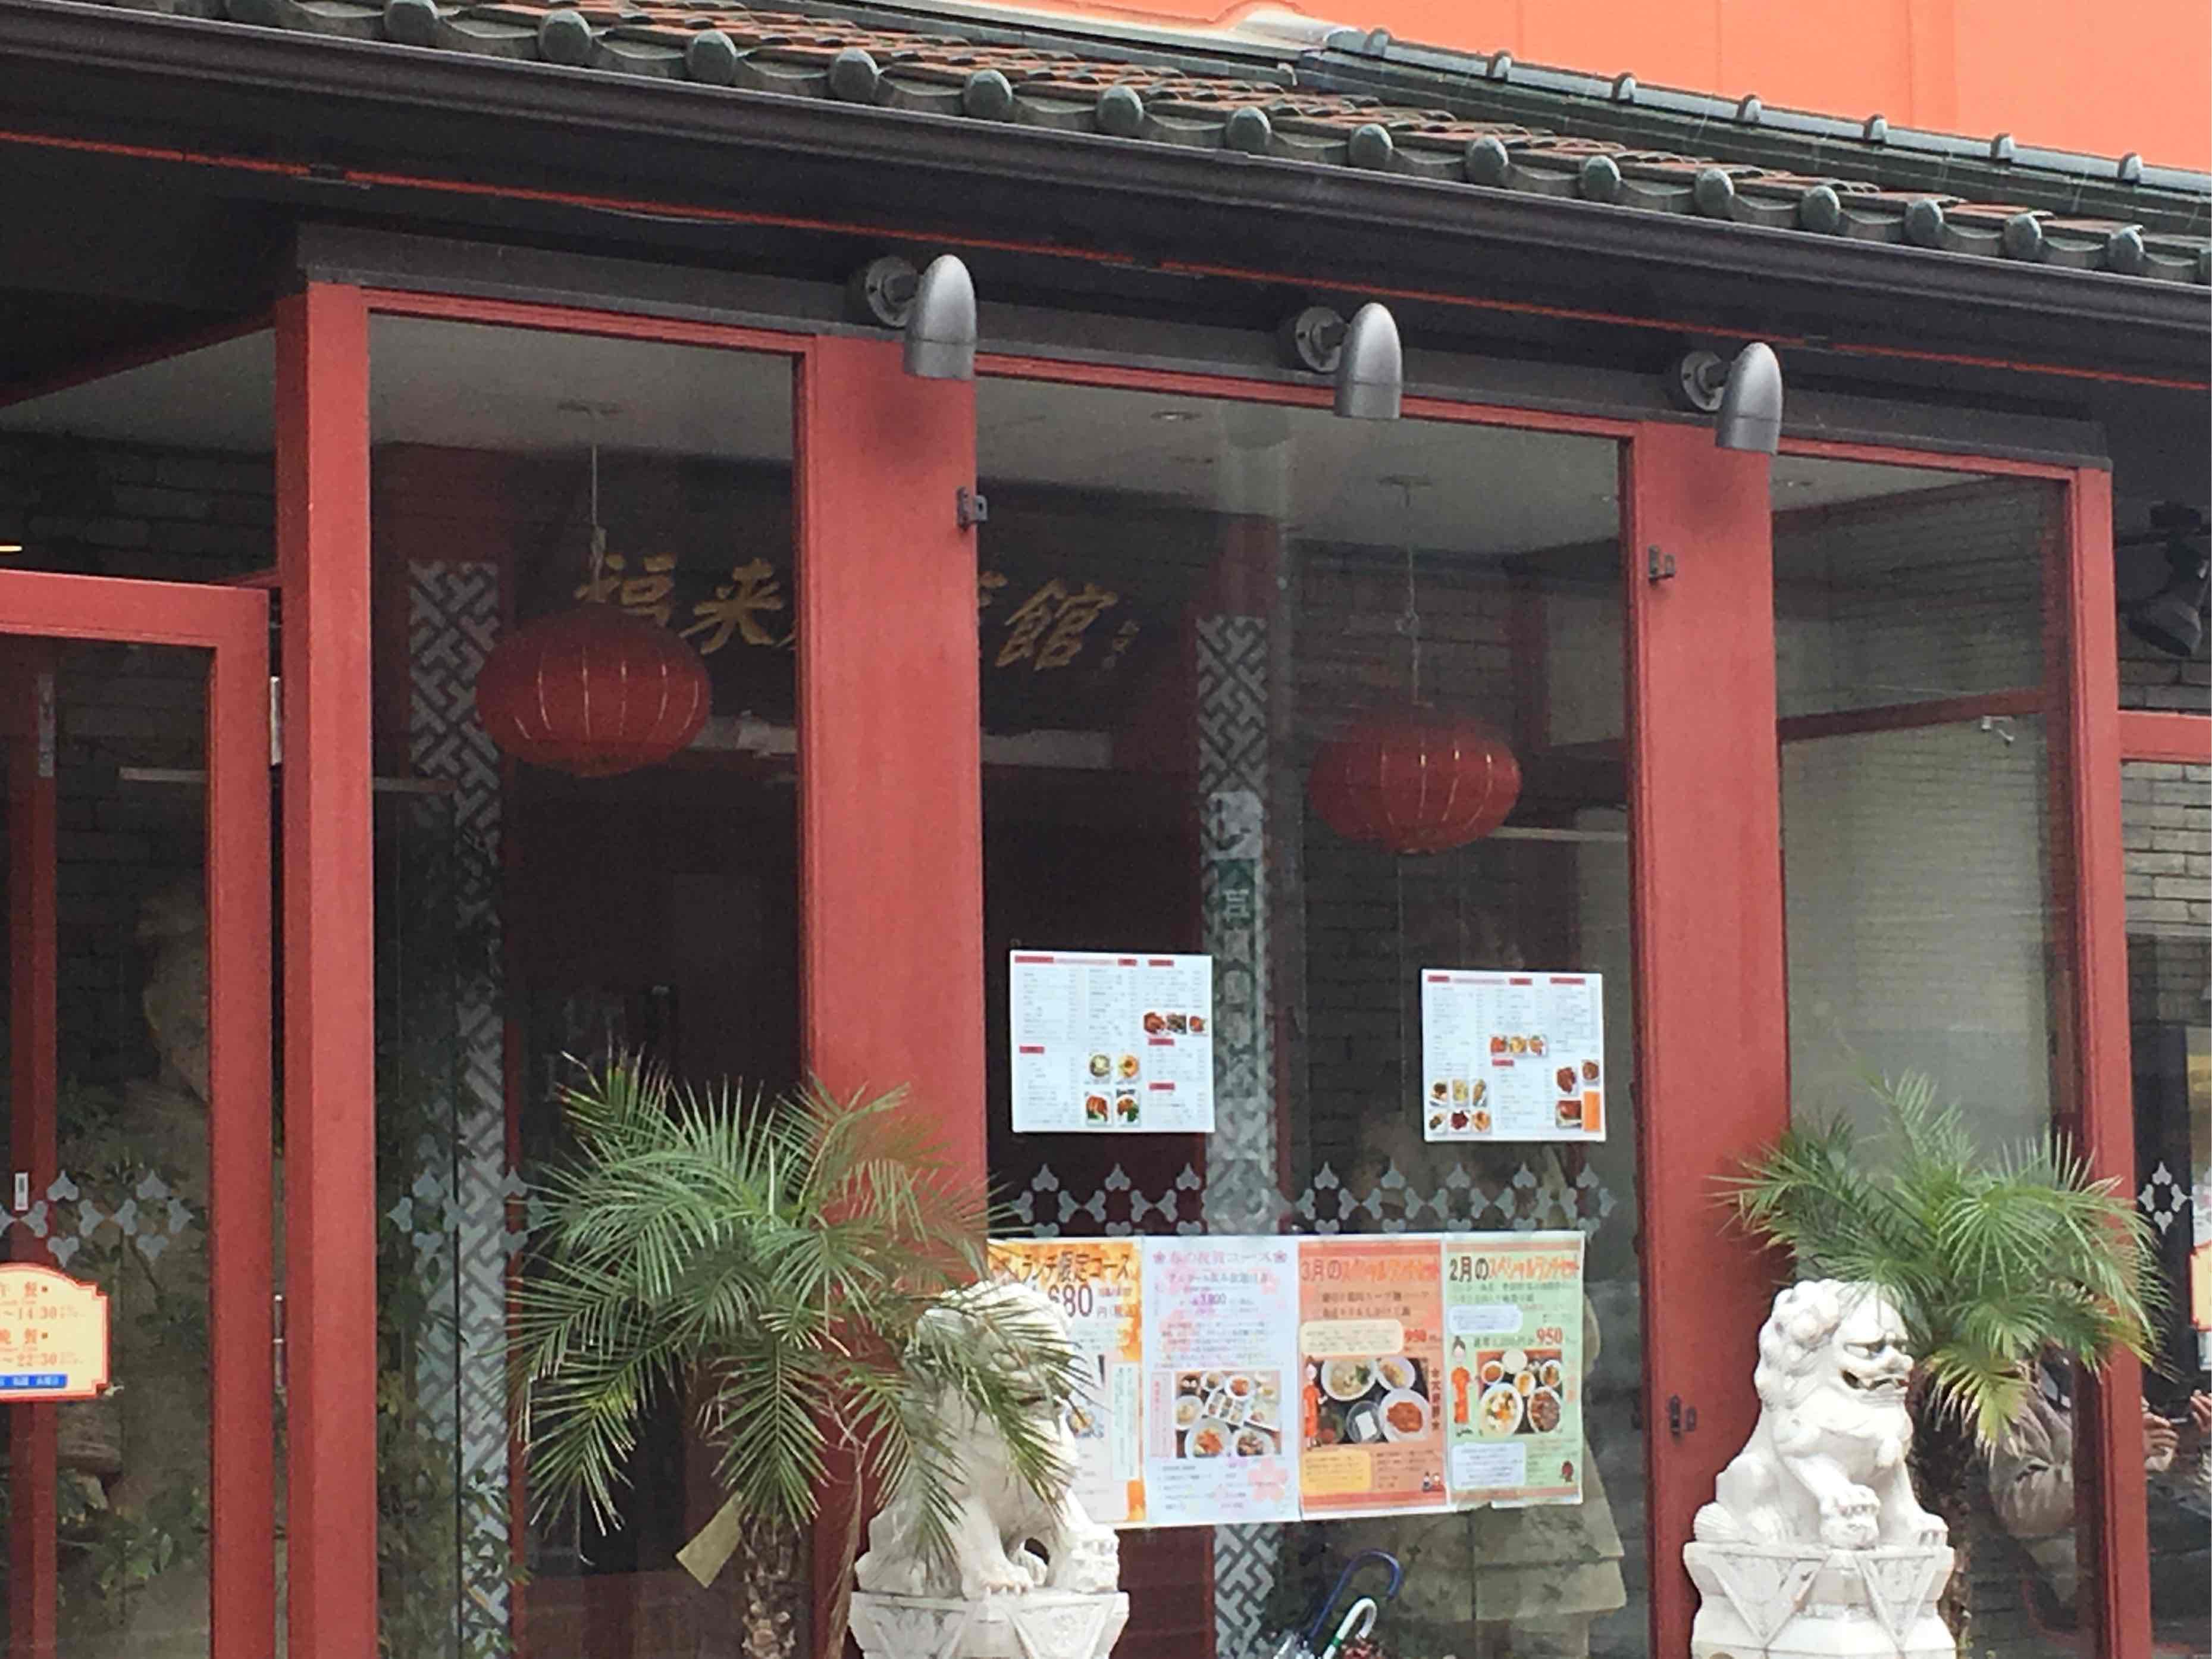 柏市にある福来麺菜館